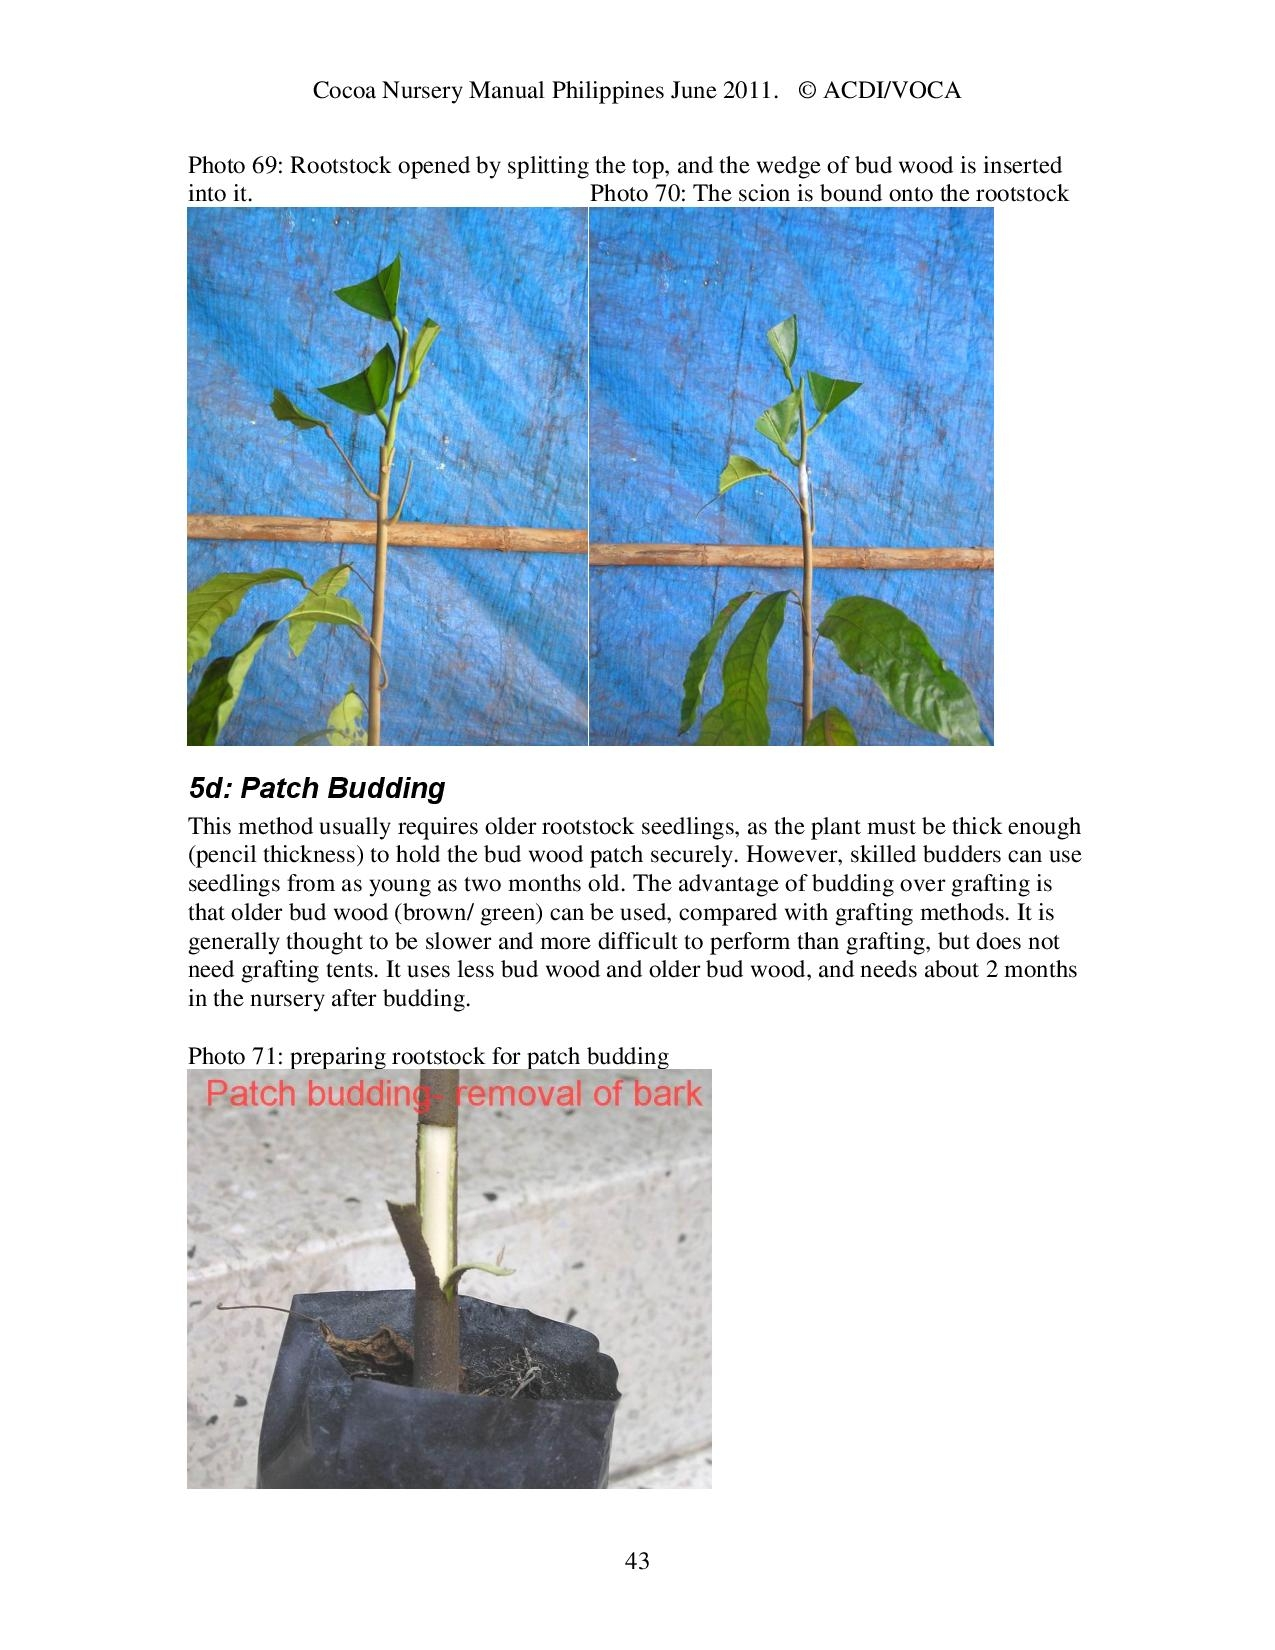 Cocoa-Nursery-Manual-2011_acdi-voca-page-043